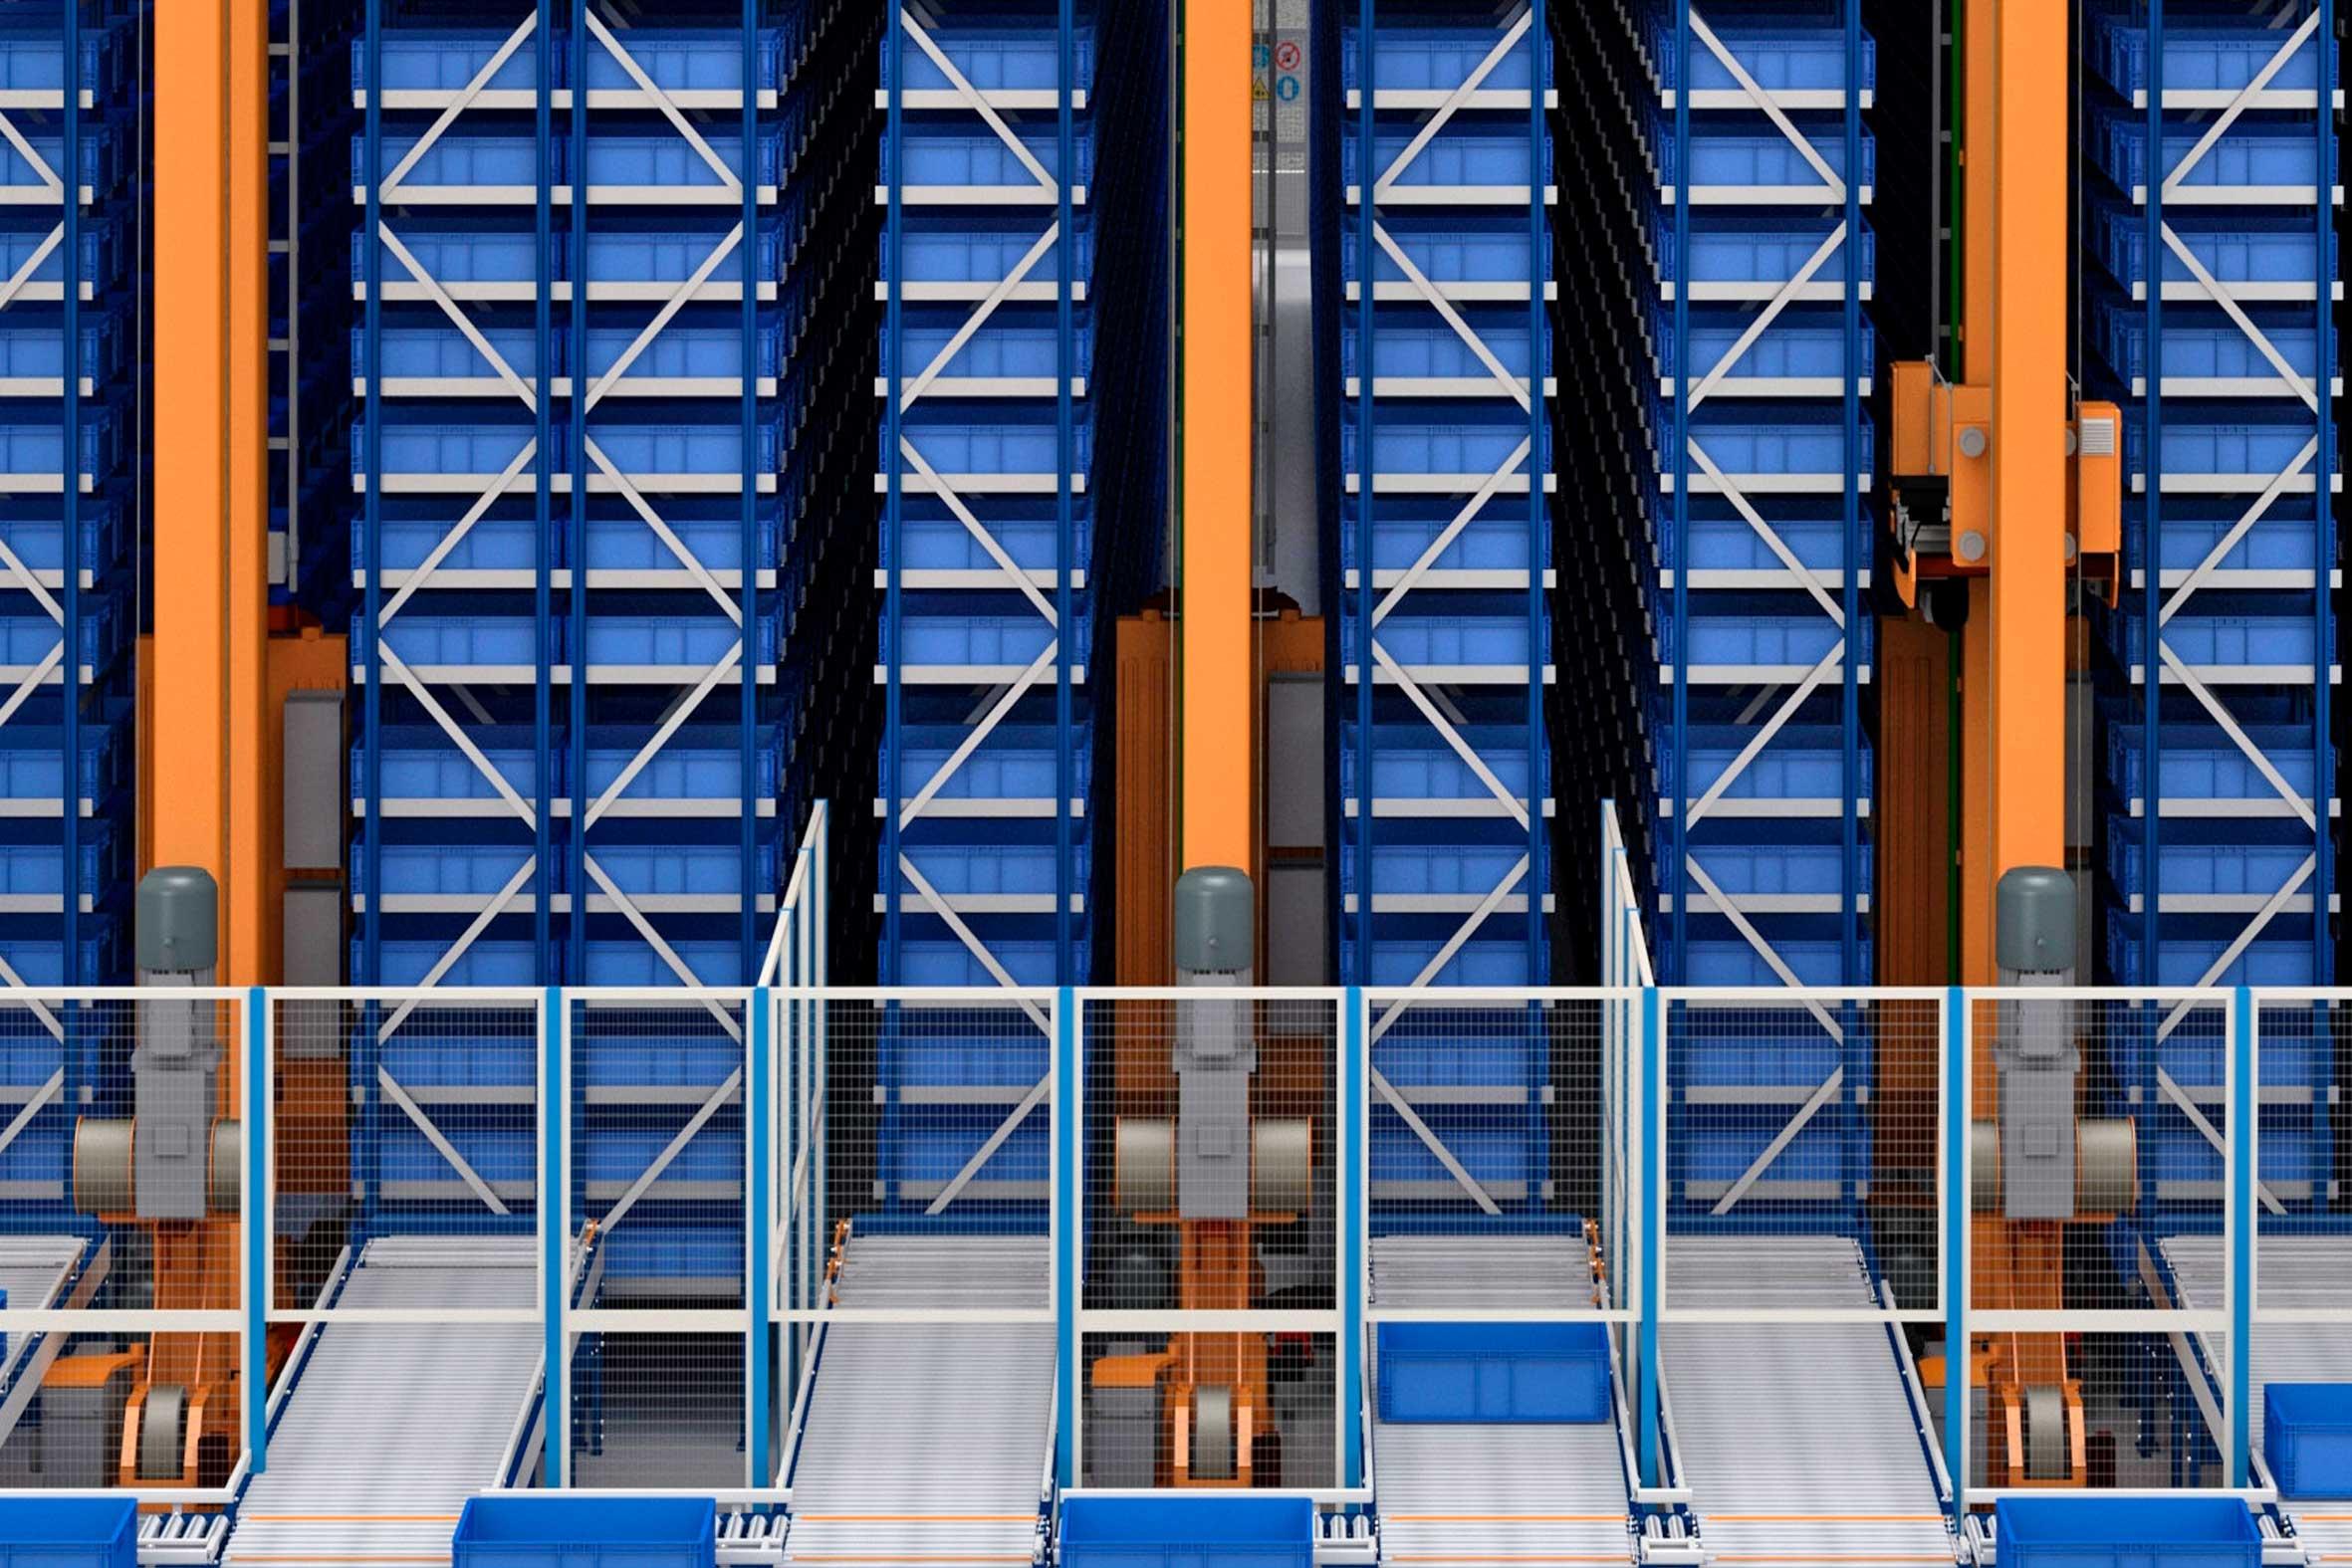 Automatyczny magazyn pojemnikowy dla producenta systemów oświetleniowych i ppoż